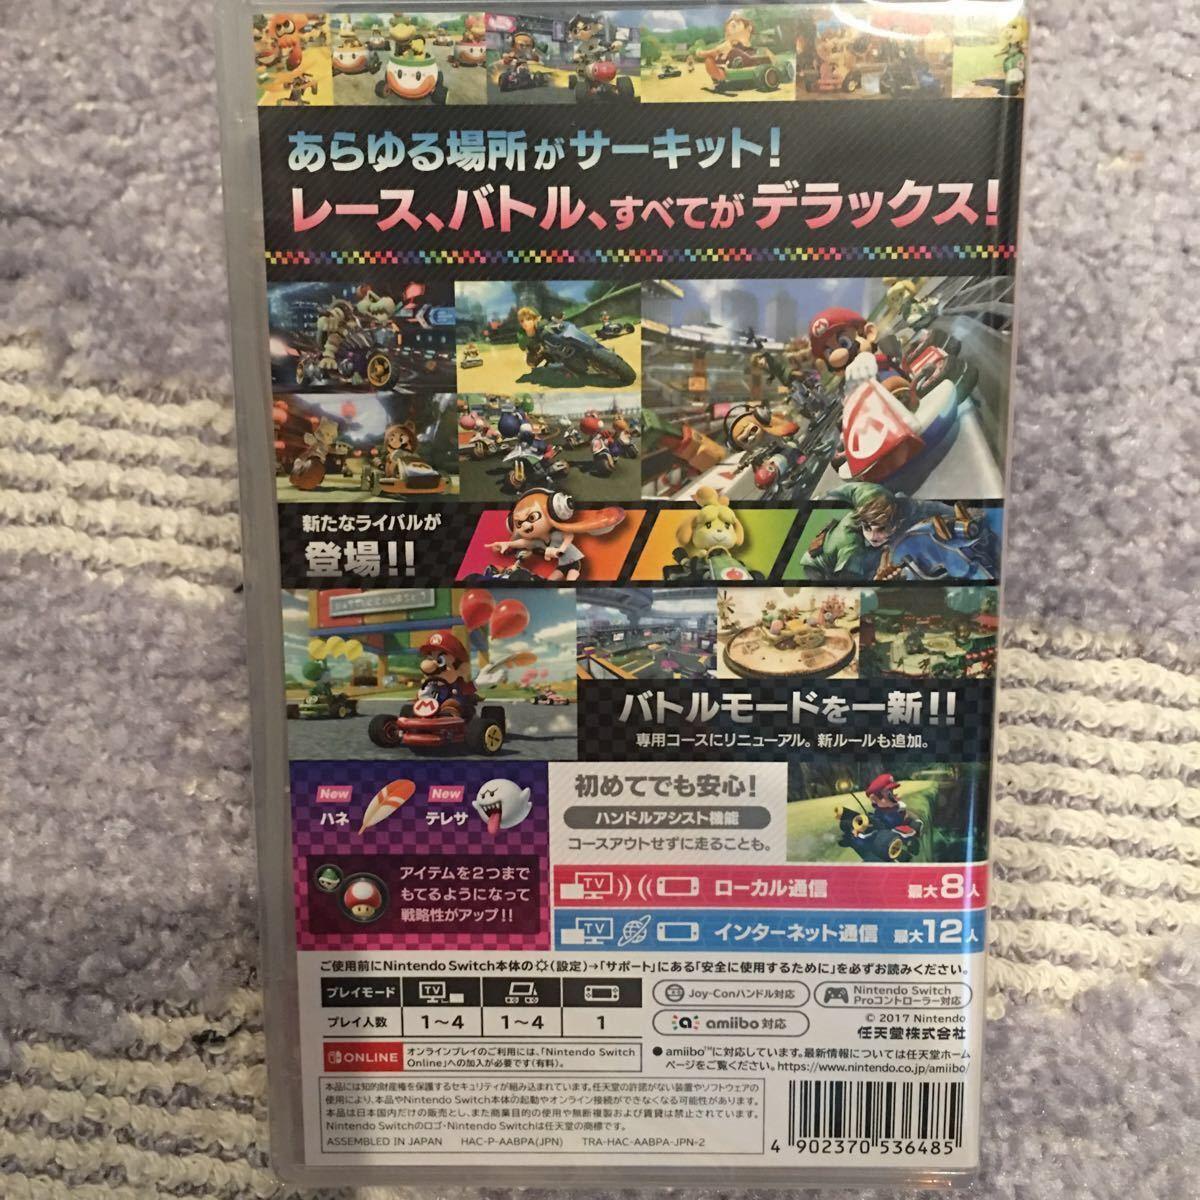 Switch マリオカート8 マリオパーティ セット新品未開封 24時間内発送